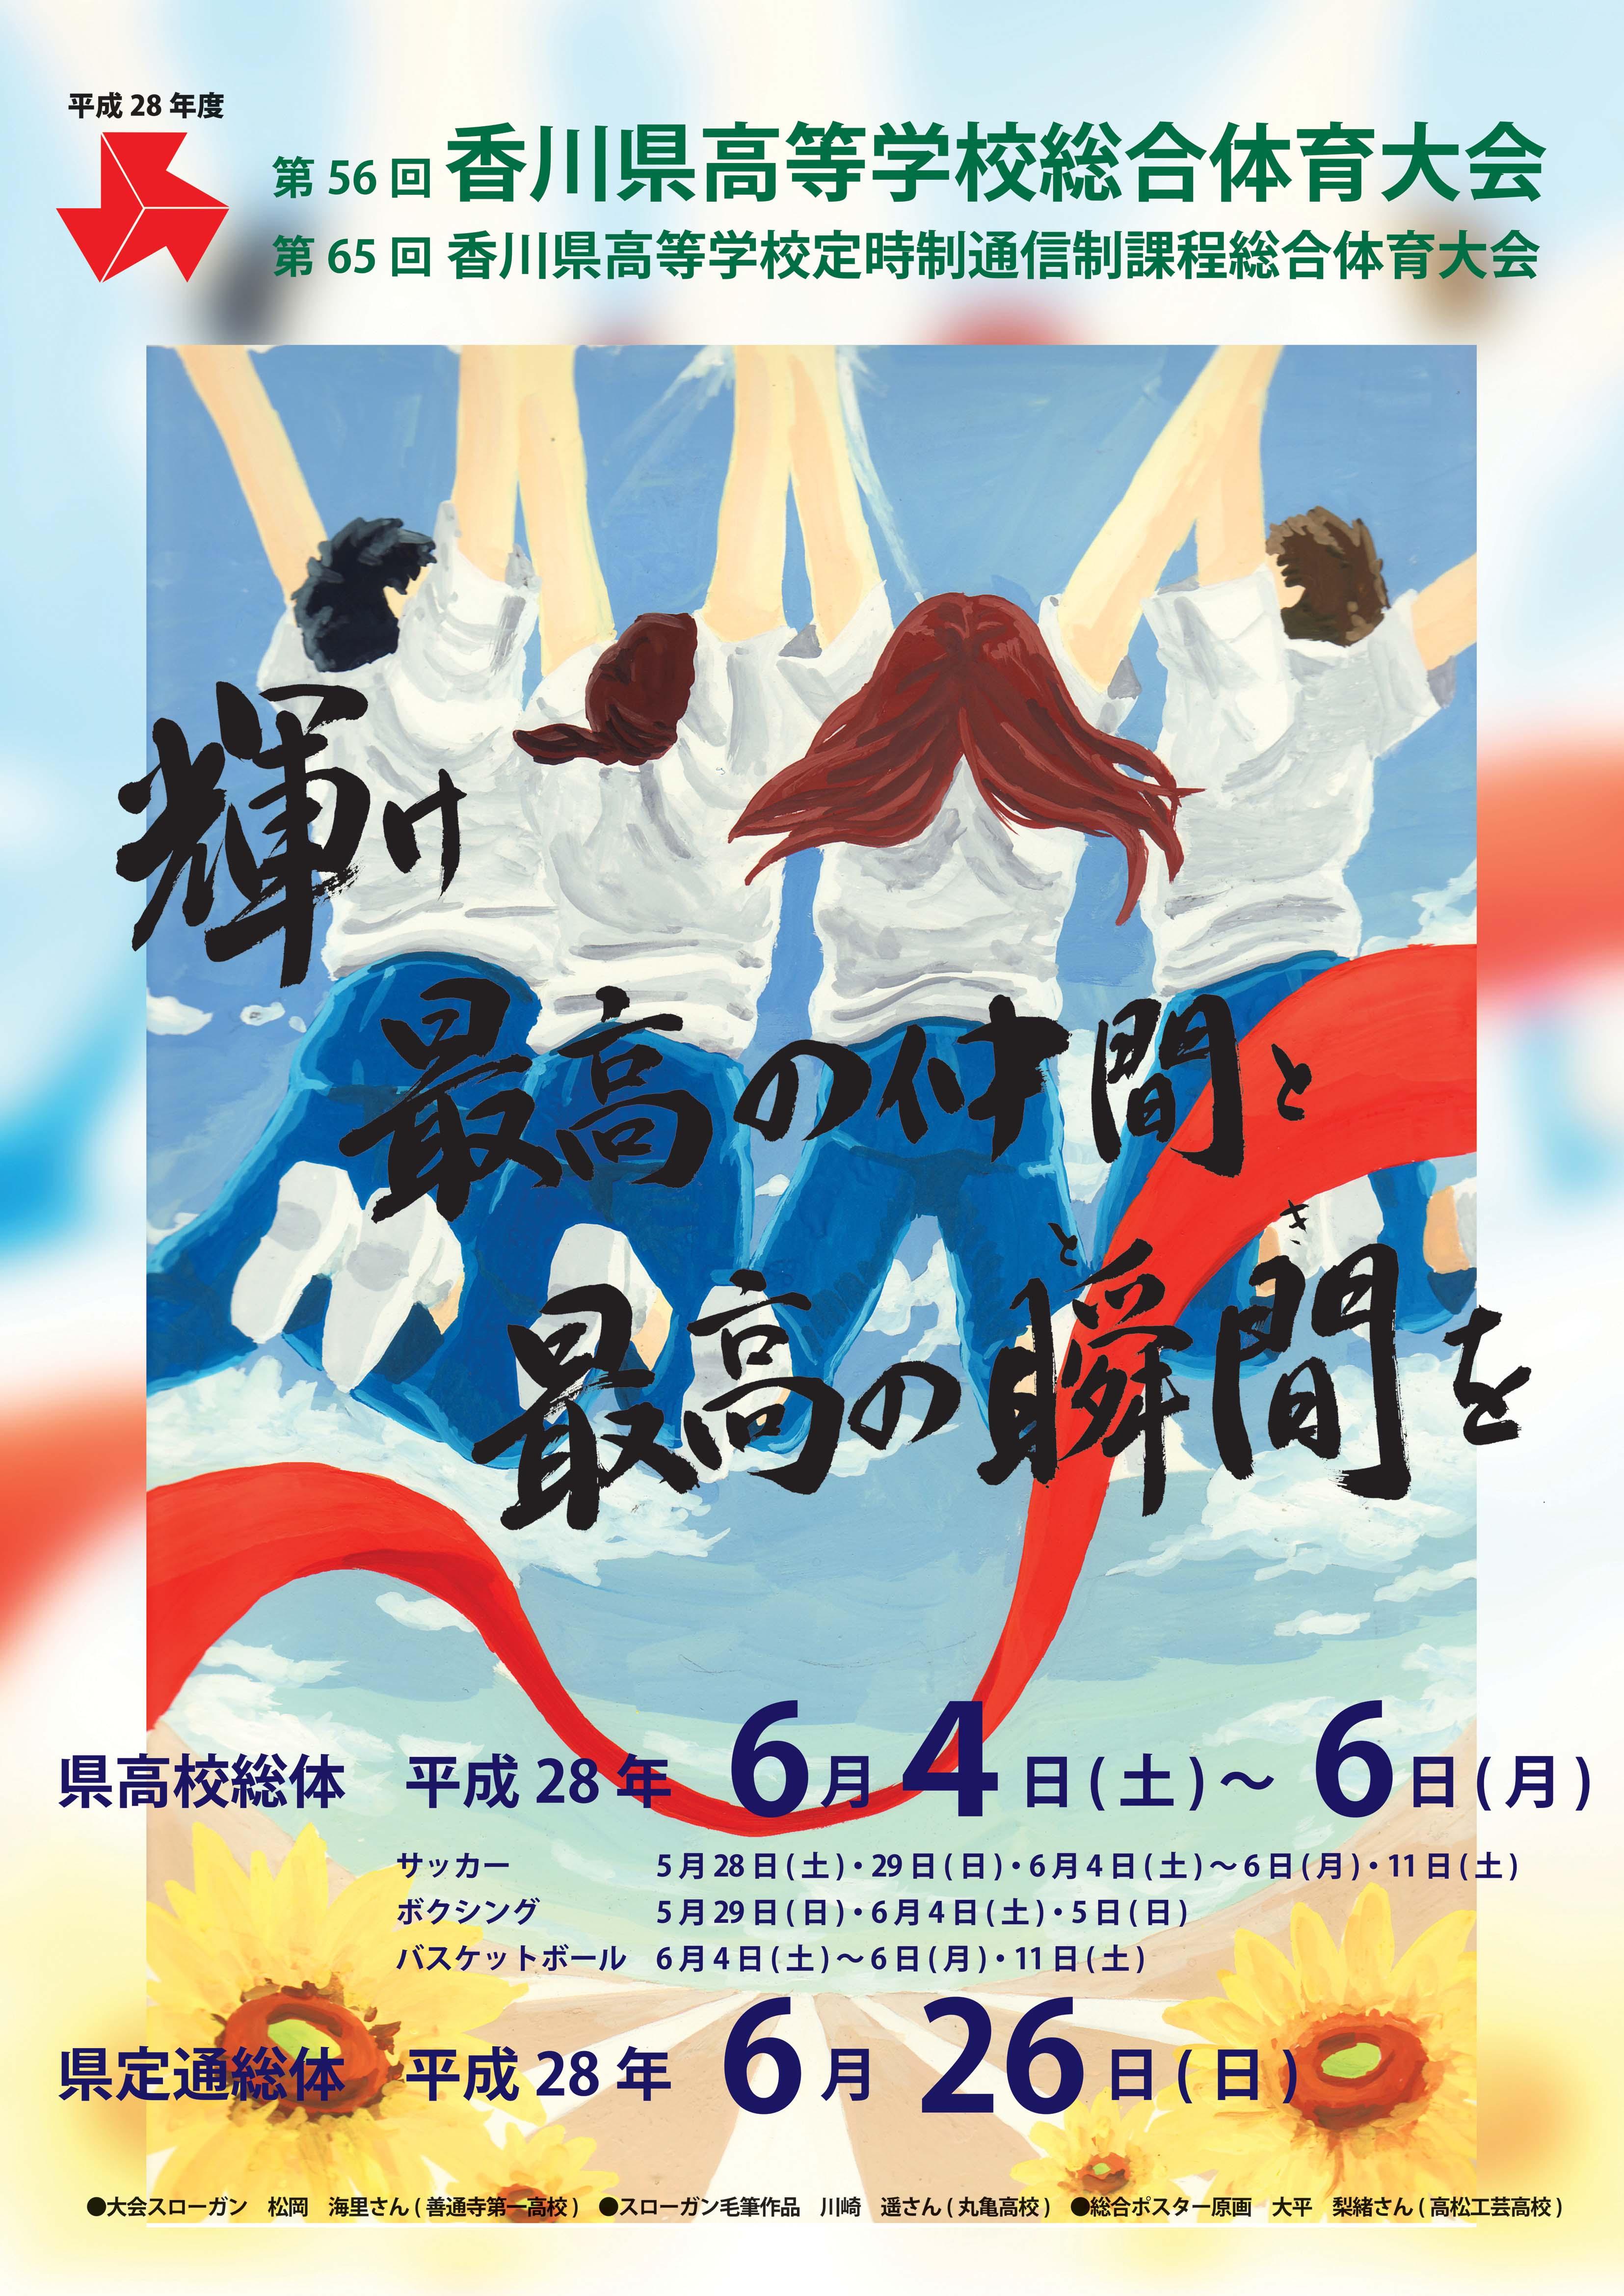 平成28年度 香川県高校総体